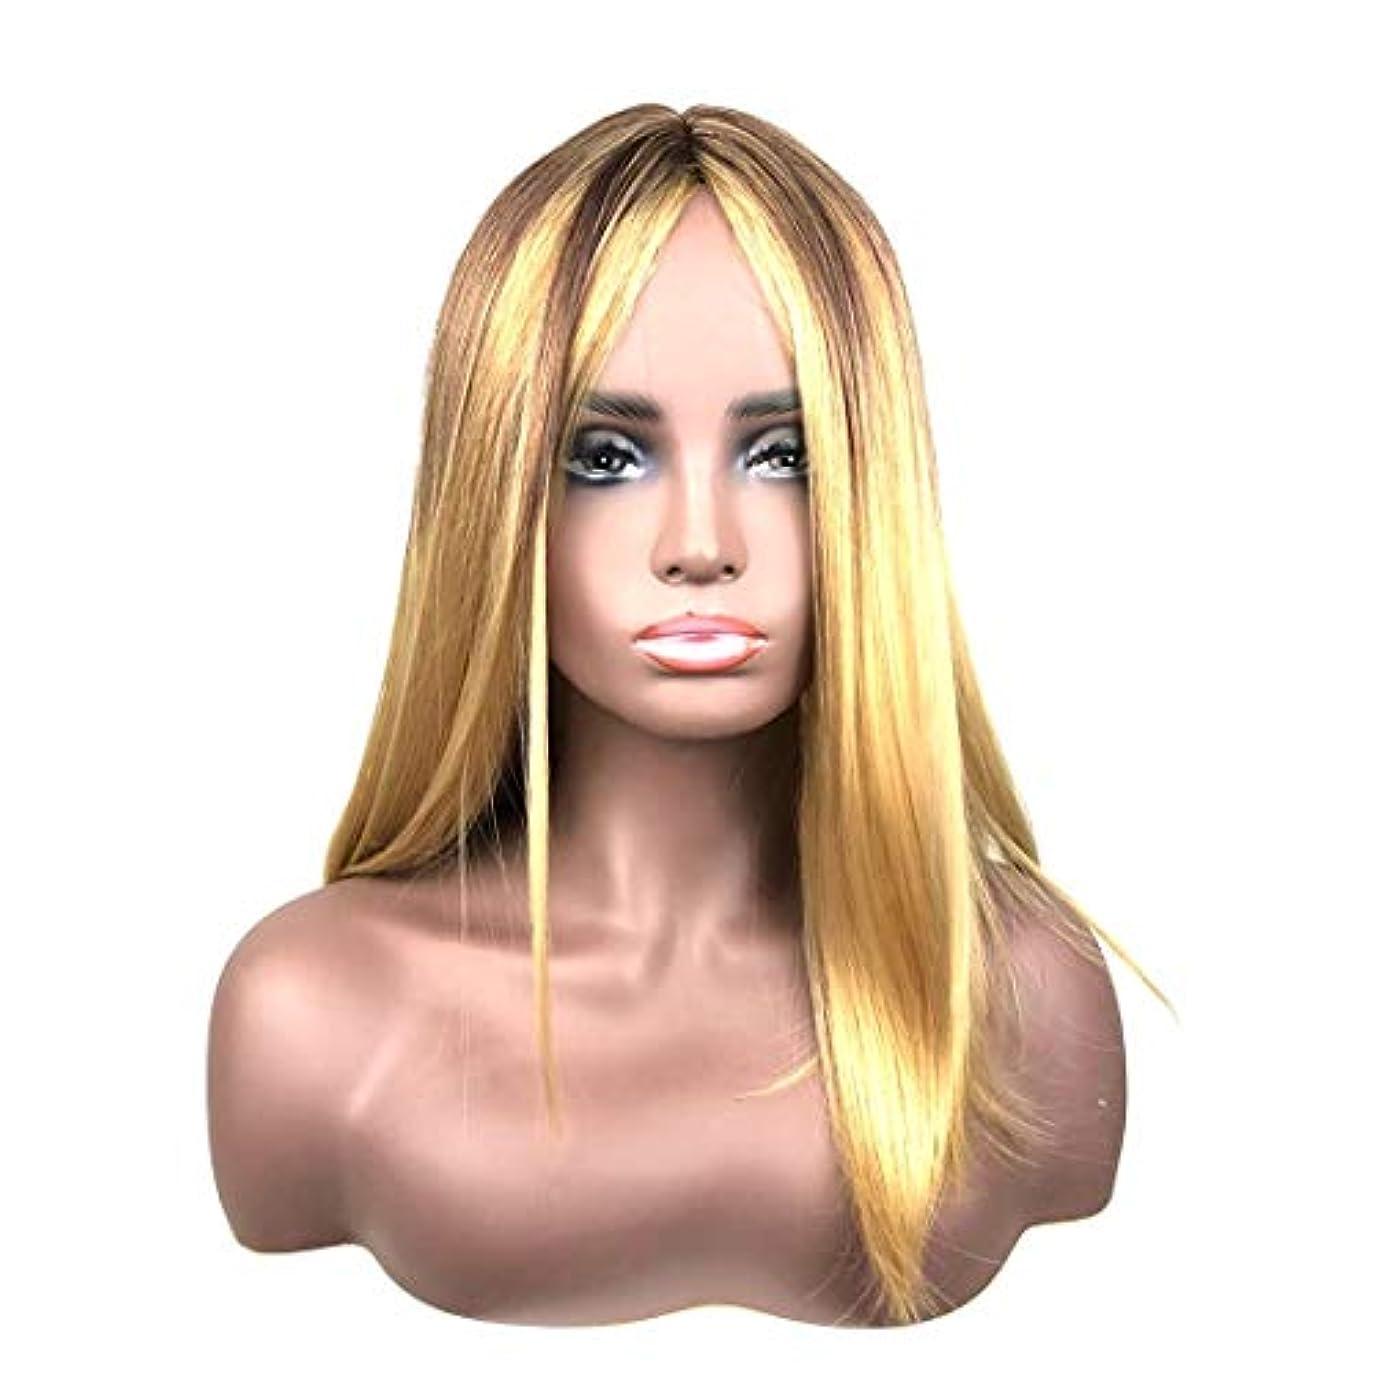 バーベキュー保全ジャンルKerwinner 前髪合成耐熱性女性のヘアスタイルと短いふわふわボブ変態ストレートヘアウィッグ